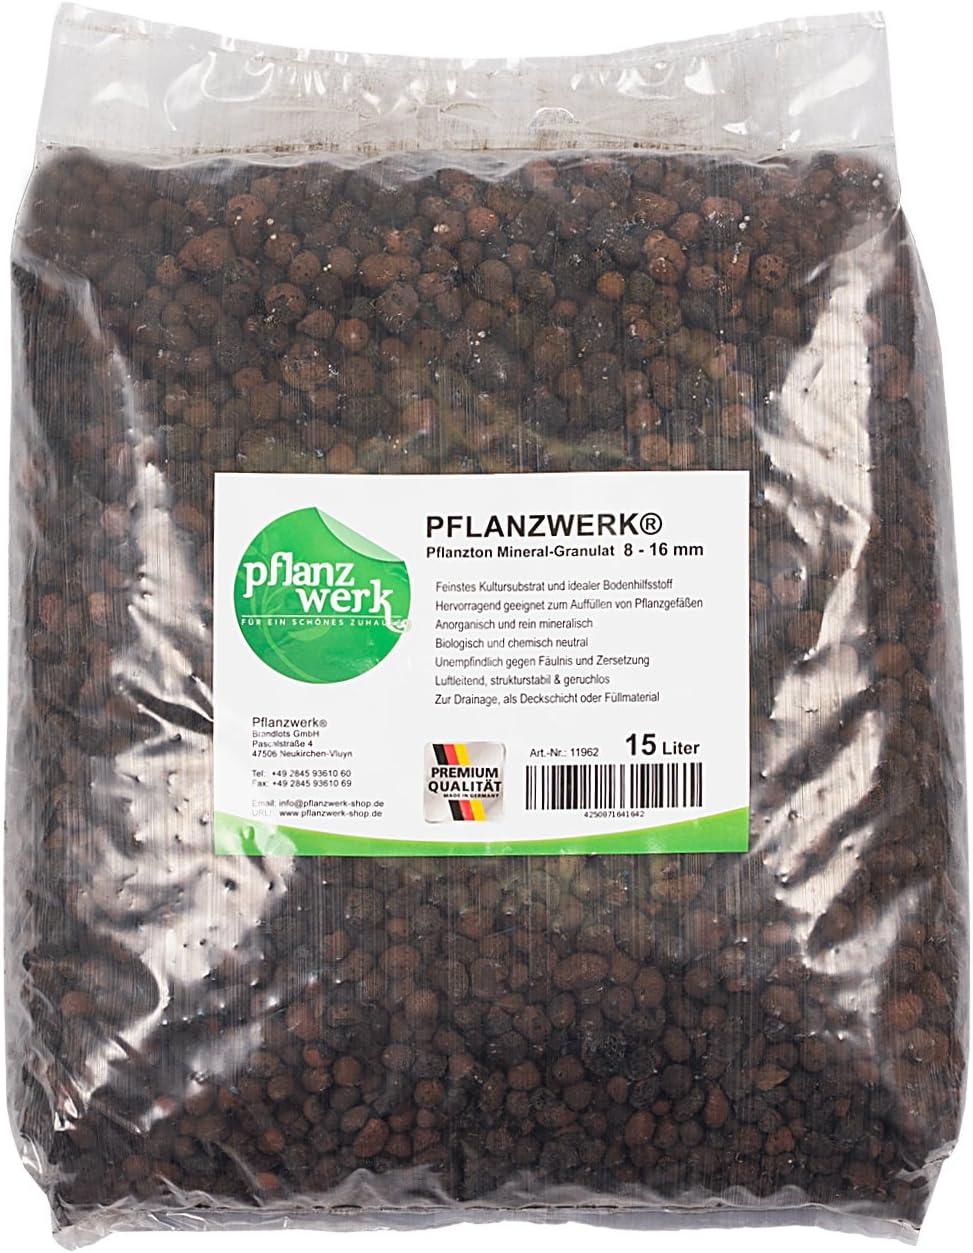 Pflanzwerk® Macetero Arcilla Gránulos Minerales 15l *Resistente A Las HELADAS* *Mineral* *Producto DE Calidad*